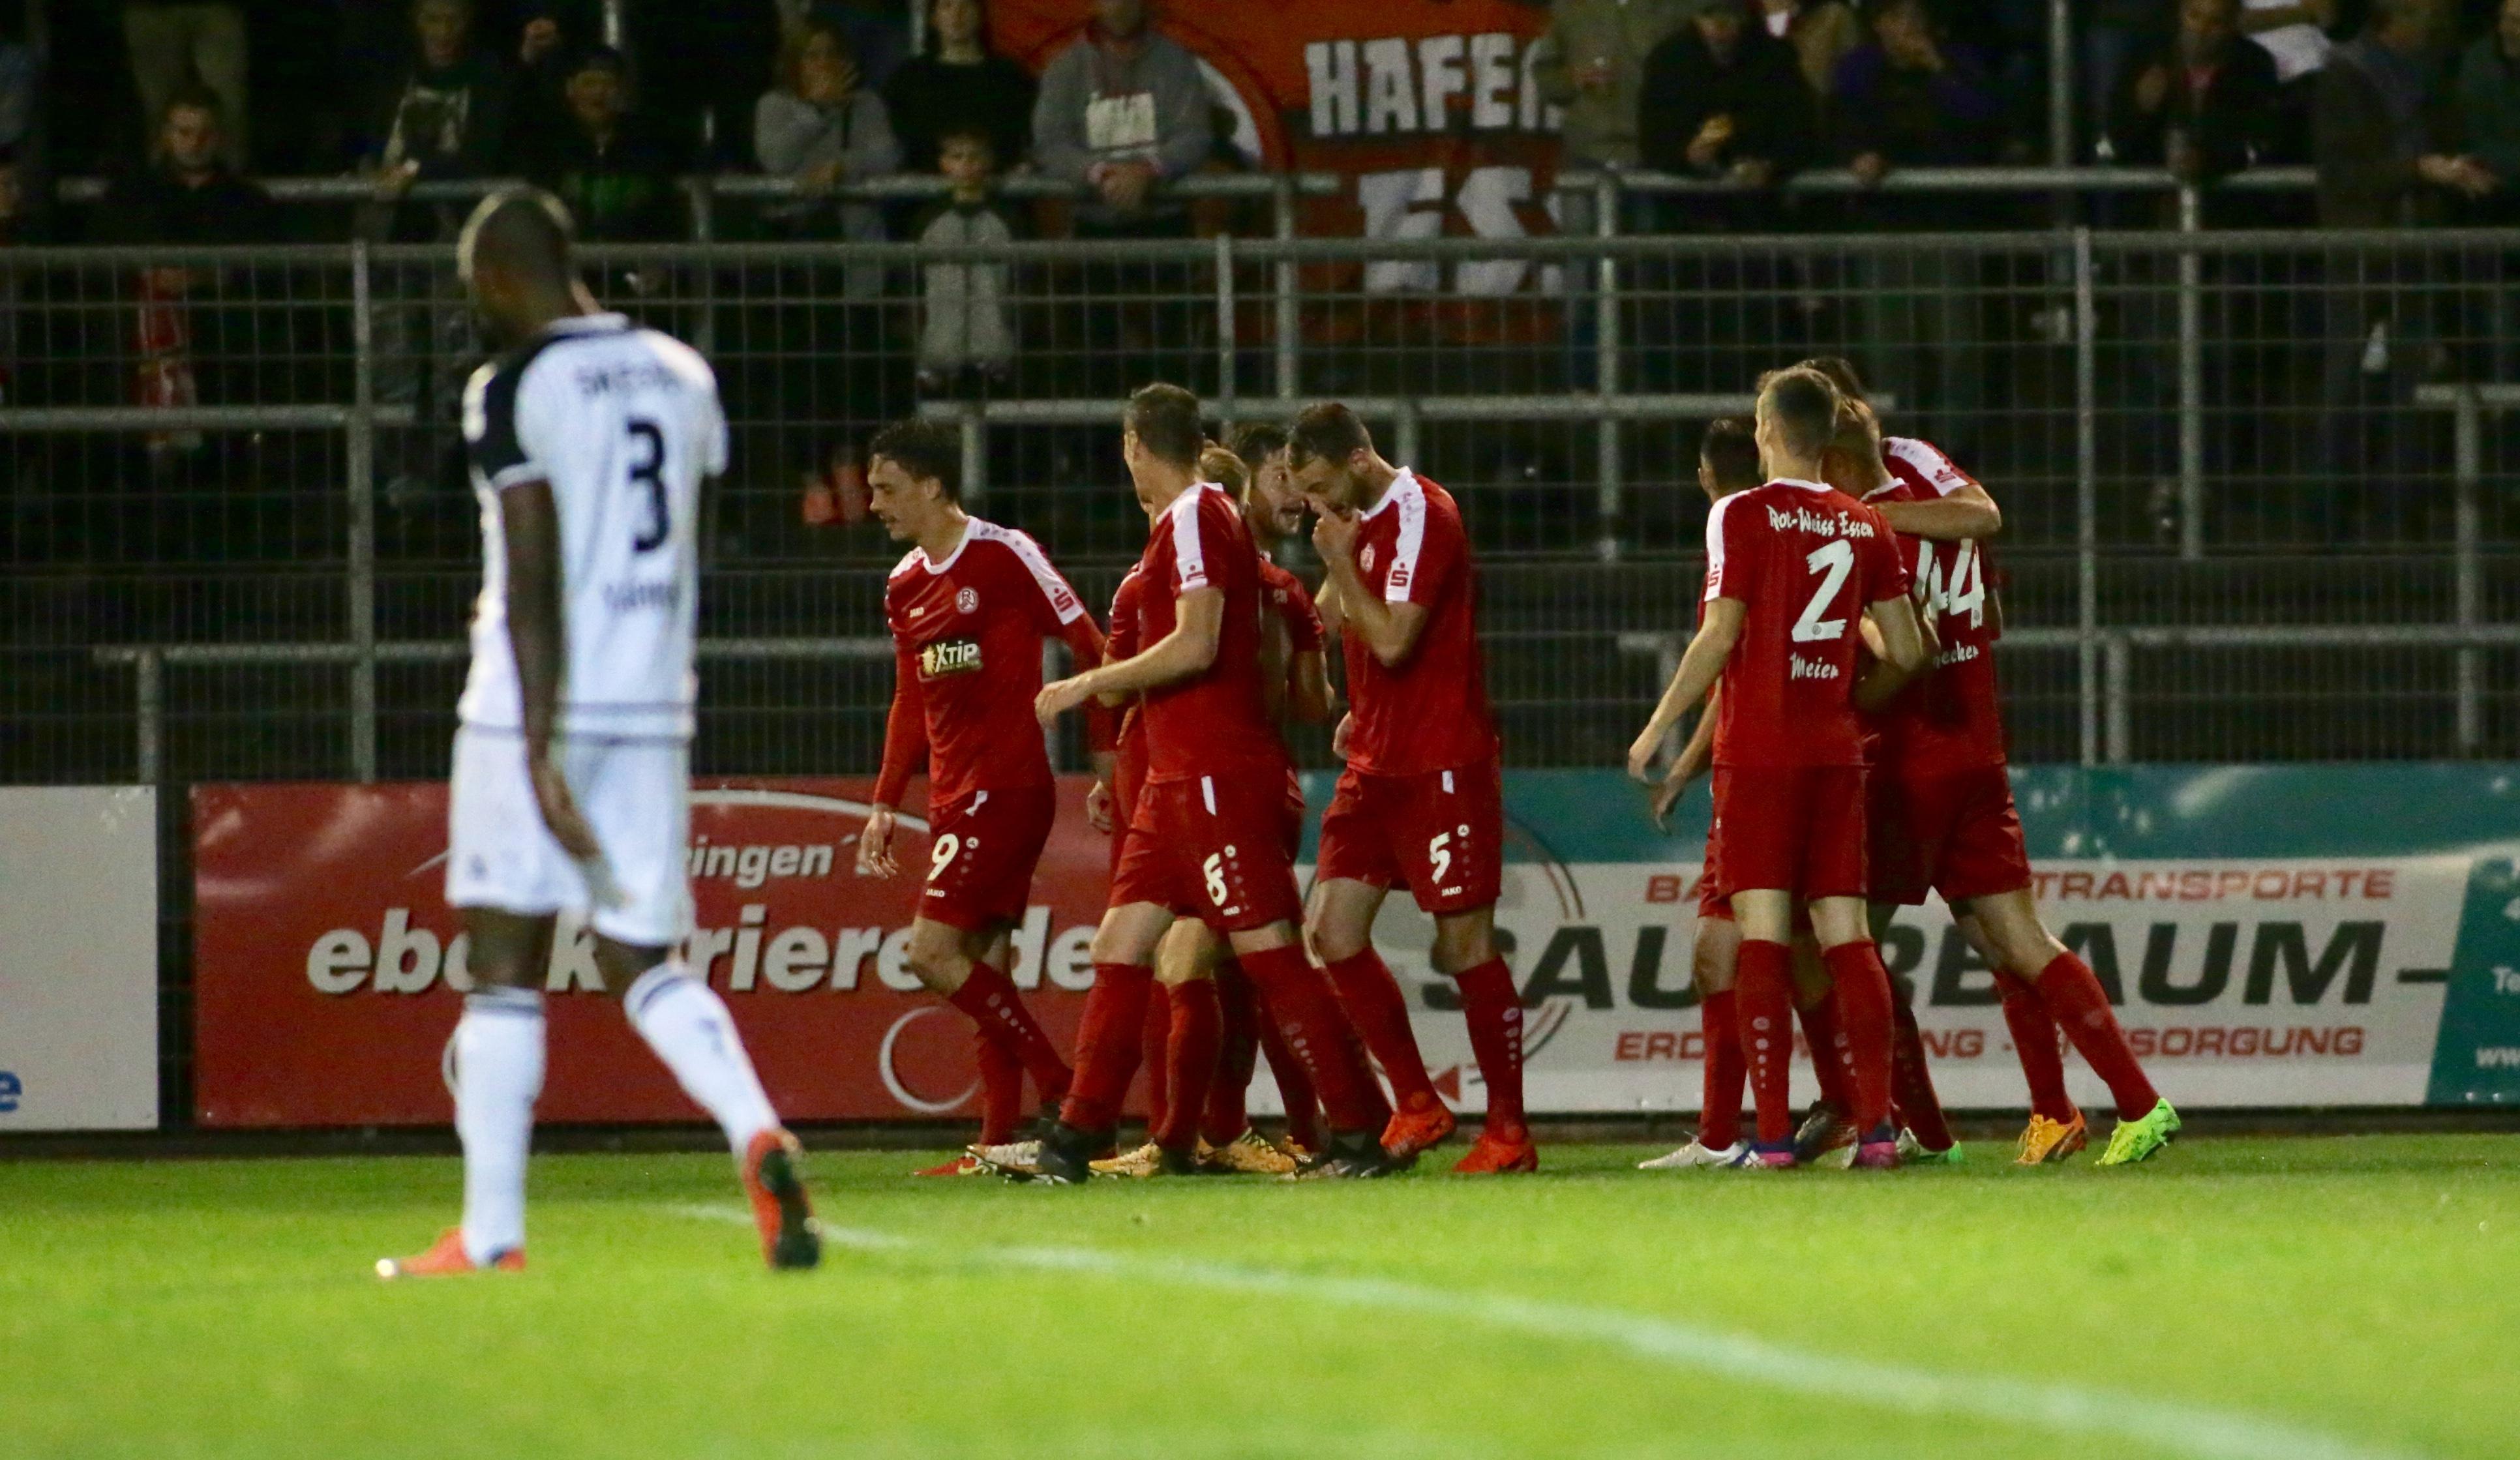 Mit 2:0 schlugen die Rot-Weissen den ETB SW Essen am Uhlenkrug. (Foto: Endberg)